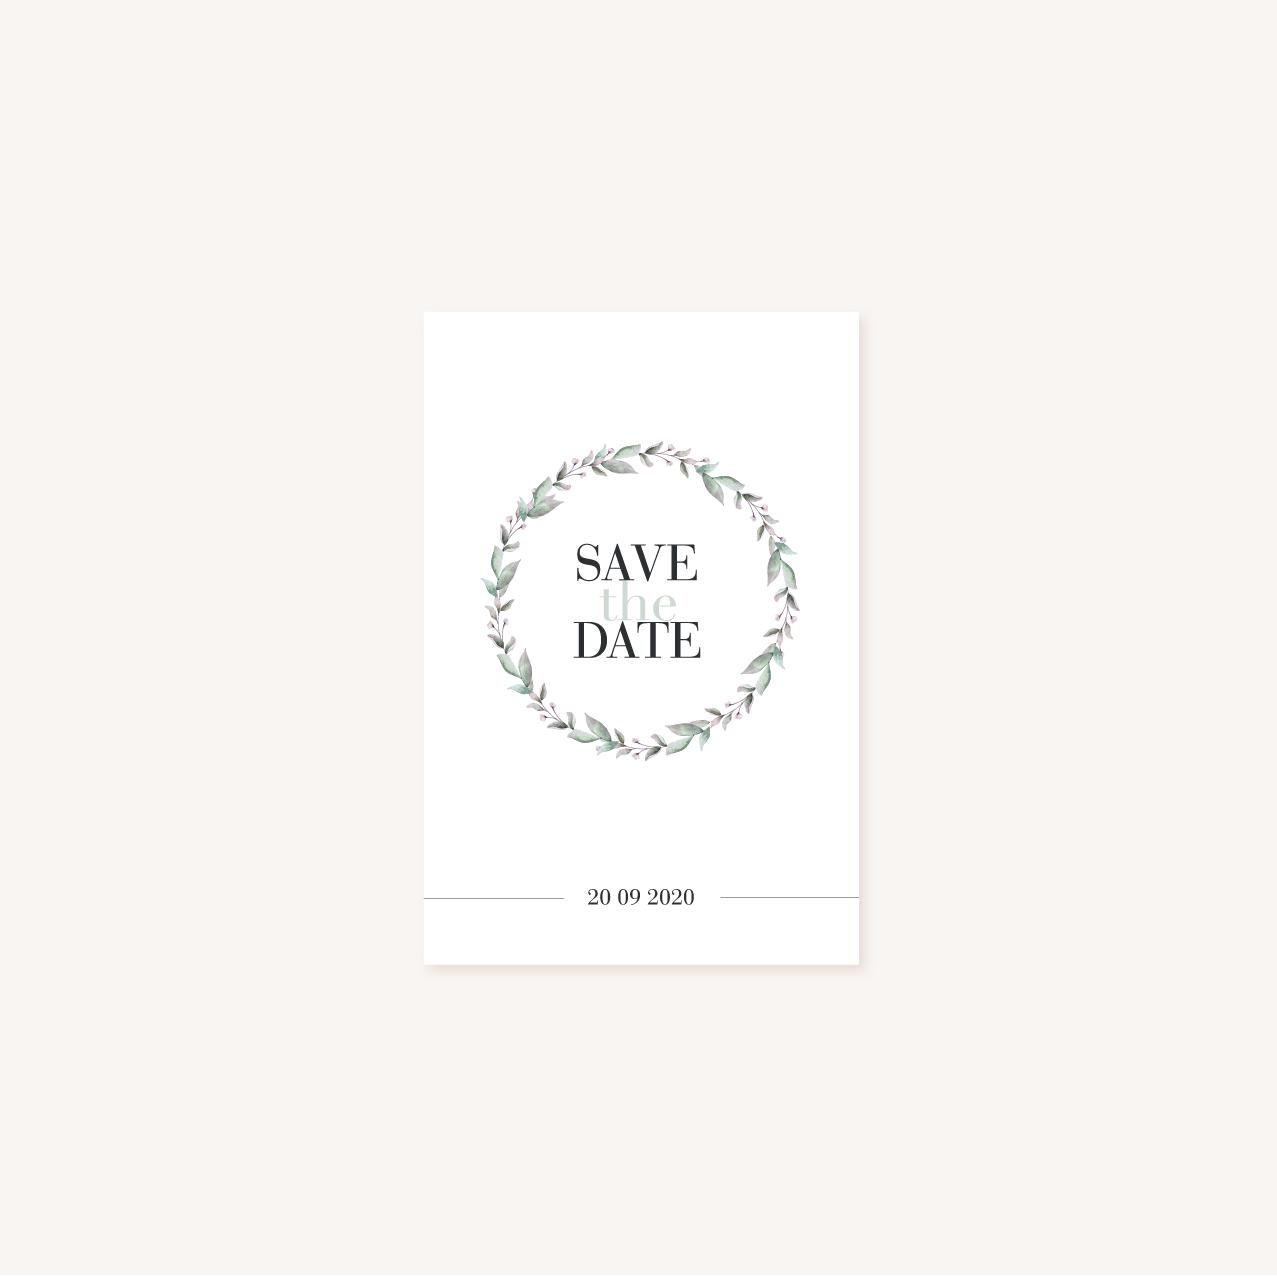 Save the date mariage recto, illustrations, portrait, toi et moi, Floral, nature, rose, nude, pêche, vert d'eau, vert menthe, eucalyptus, feuillage, végétal, aquarelle, dessin, couple, photo, romantique, végétal, nature, champêtre